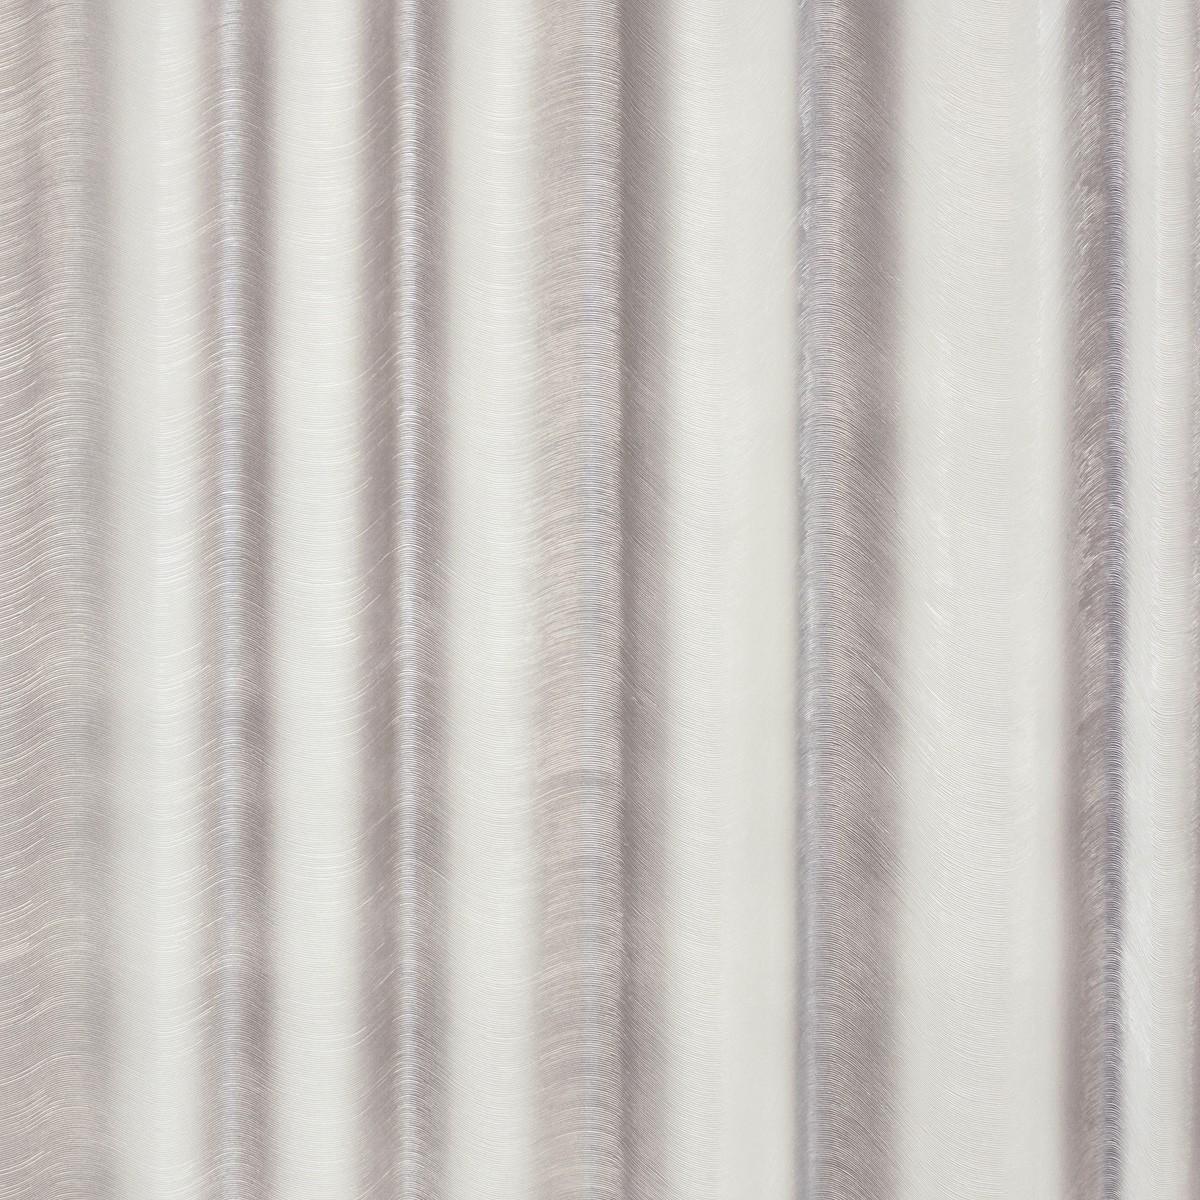 White curtain wallpaper - Wallpaper Gl Ckler Curtain White Metallic 52525 001